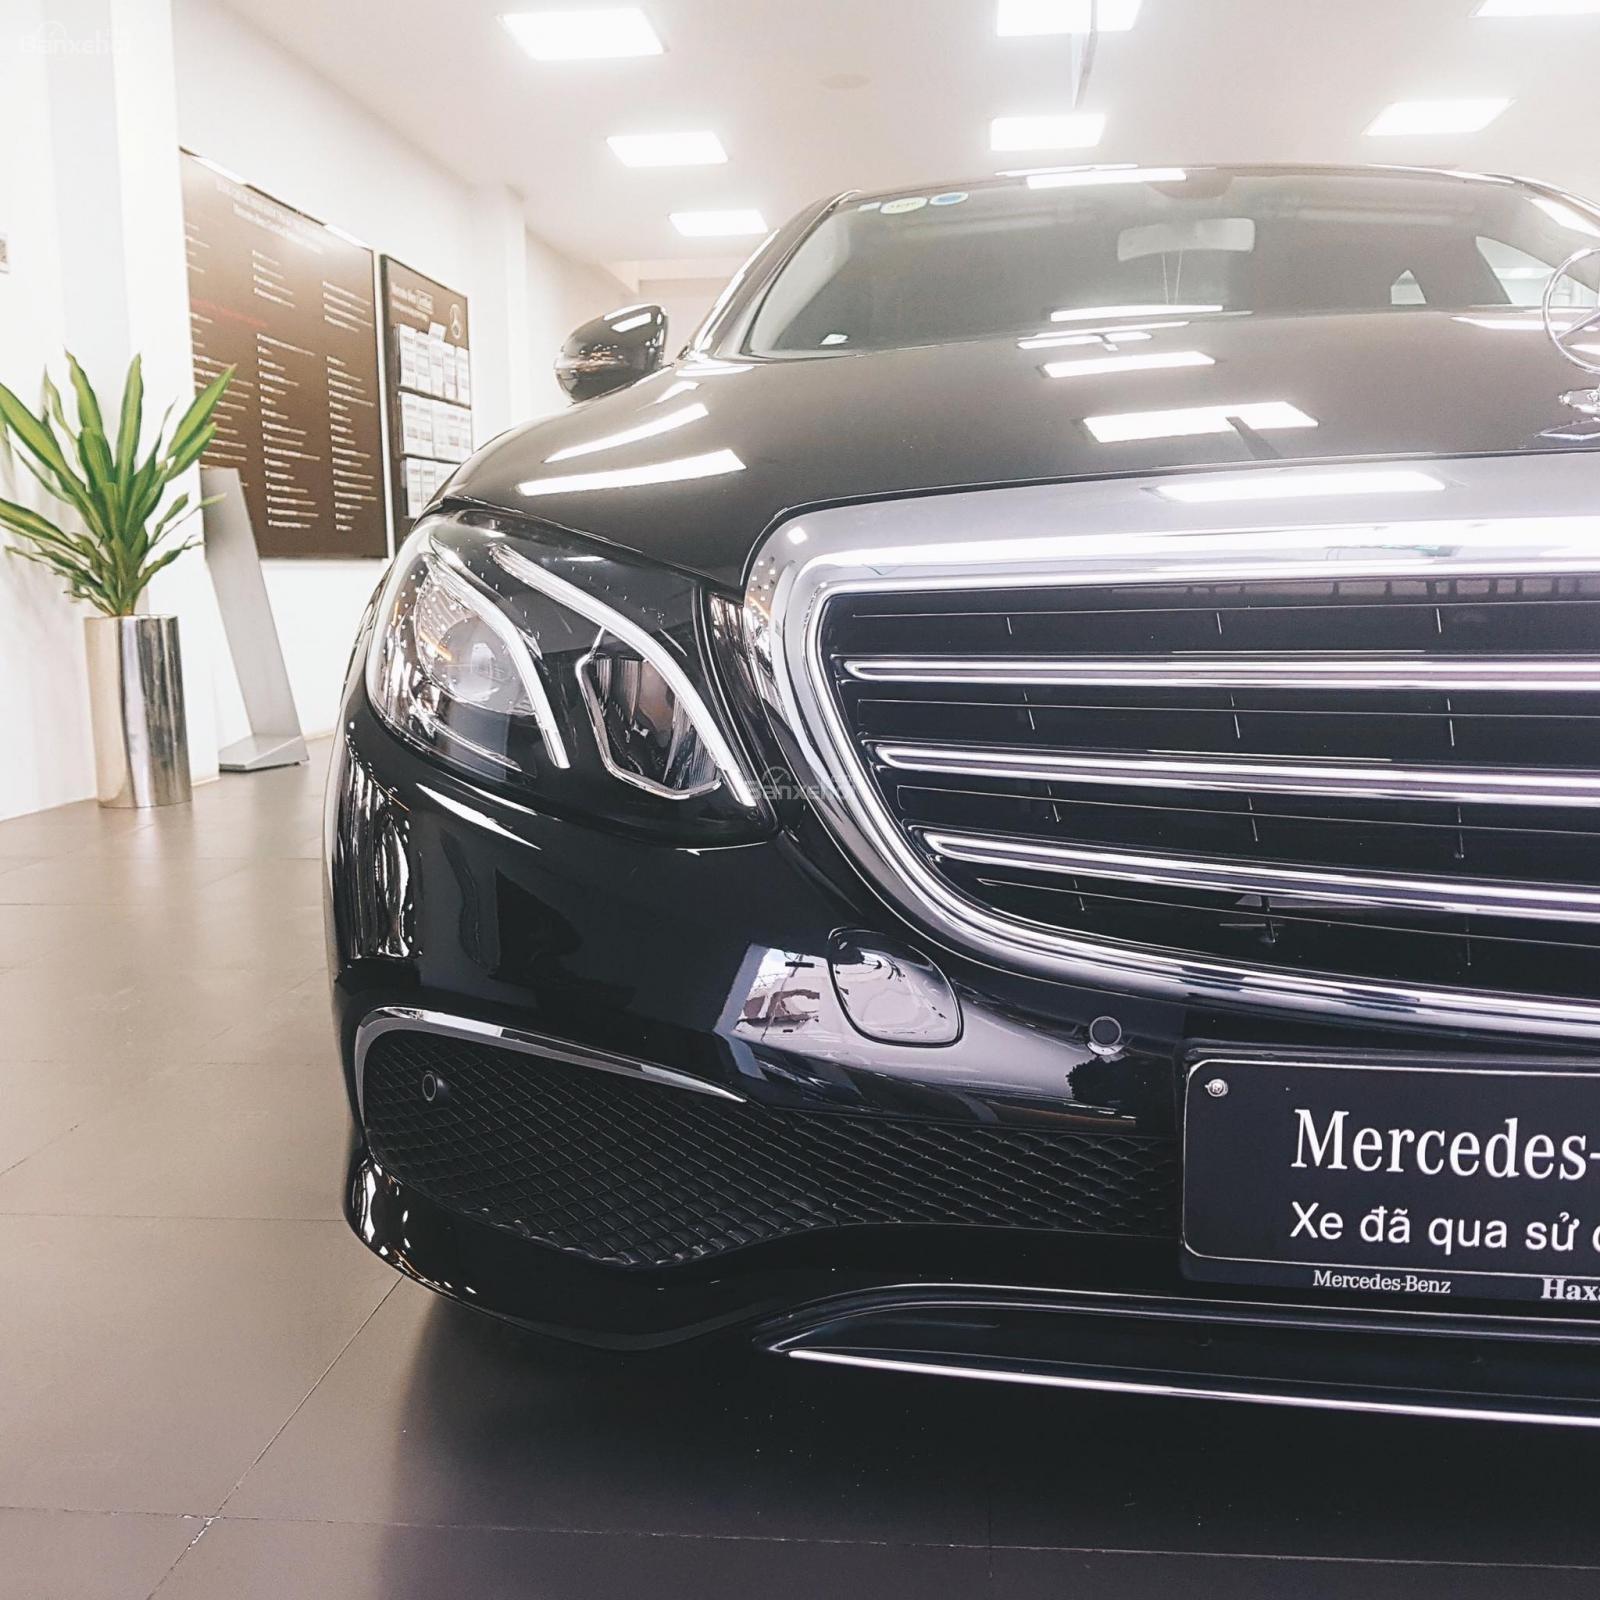 Cần bán Mercedes E200 2018 màu đen chính hãng, đã qua sử dụng-6